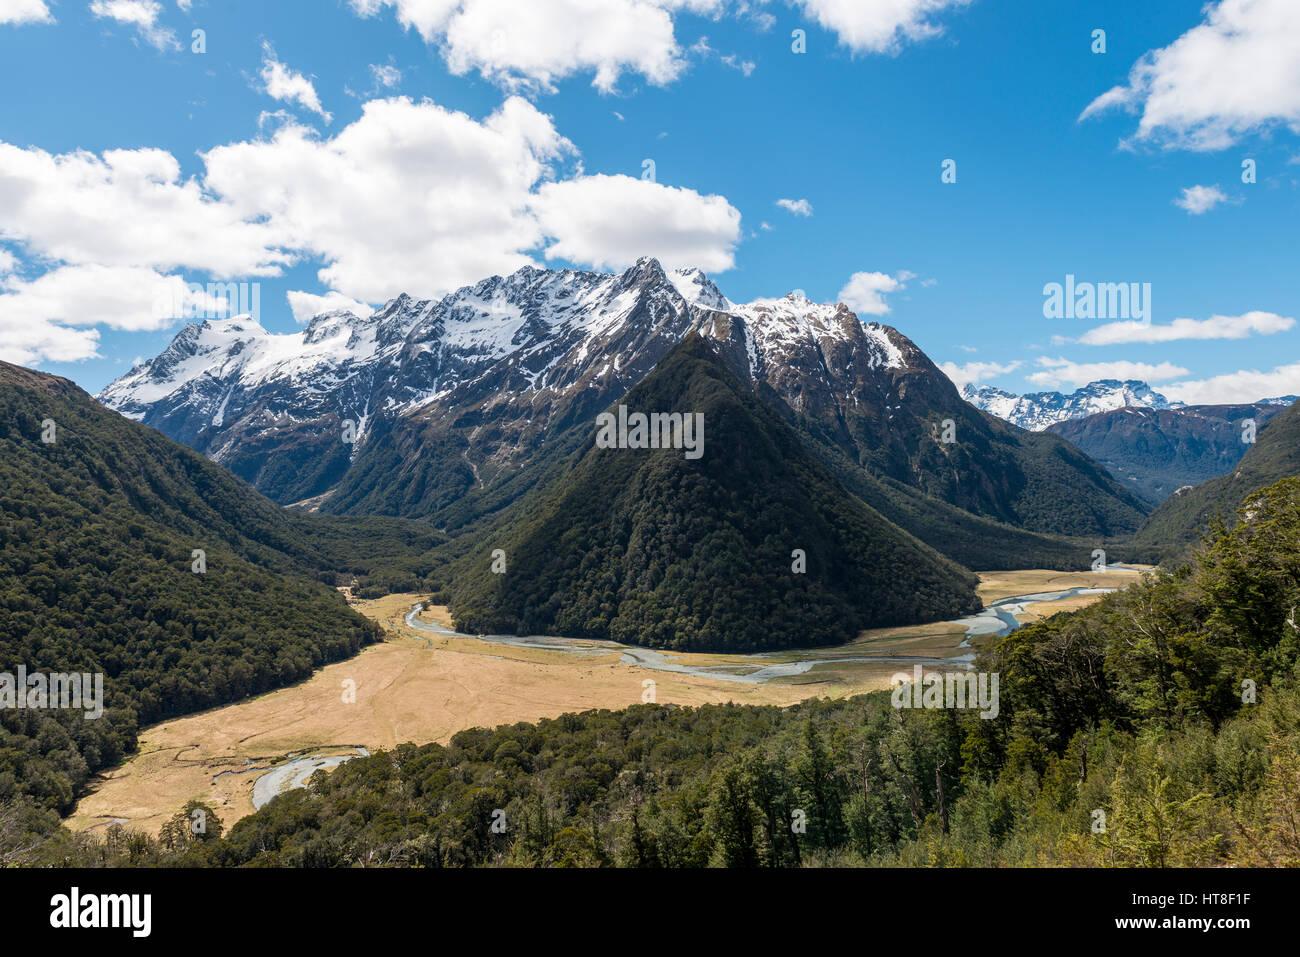 Vista sobre el Routeburn Flats, Routeburn Track, detrás de las montañas de Humboldt, Westland, distrito Imagen De Stock